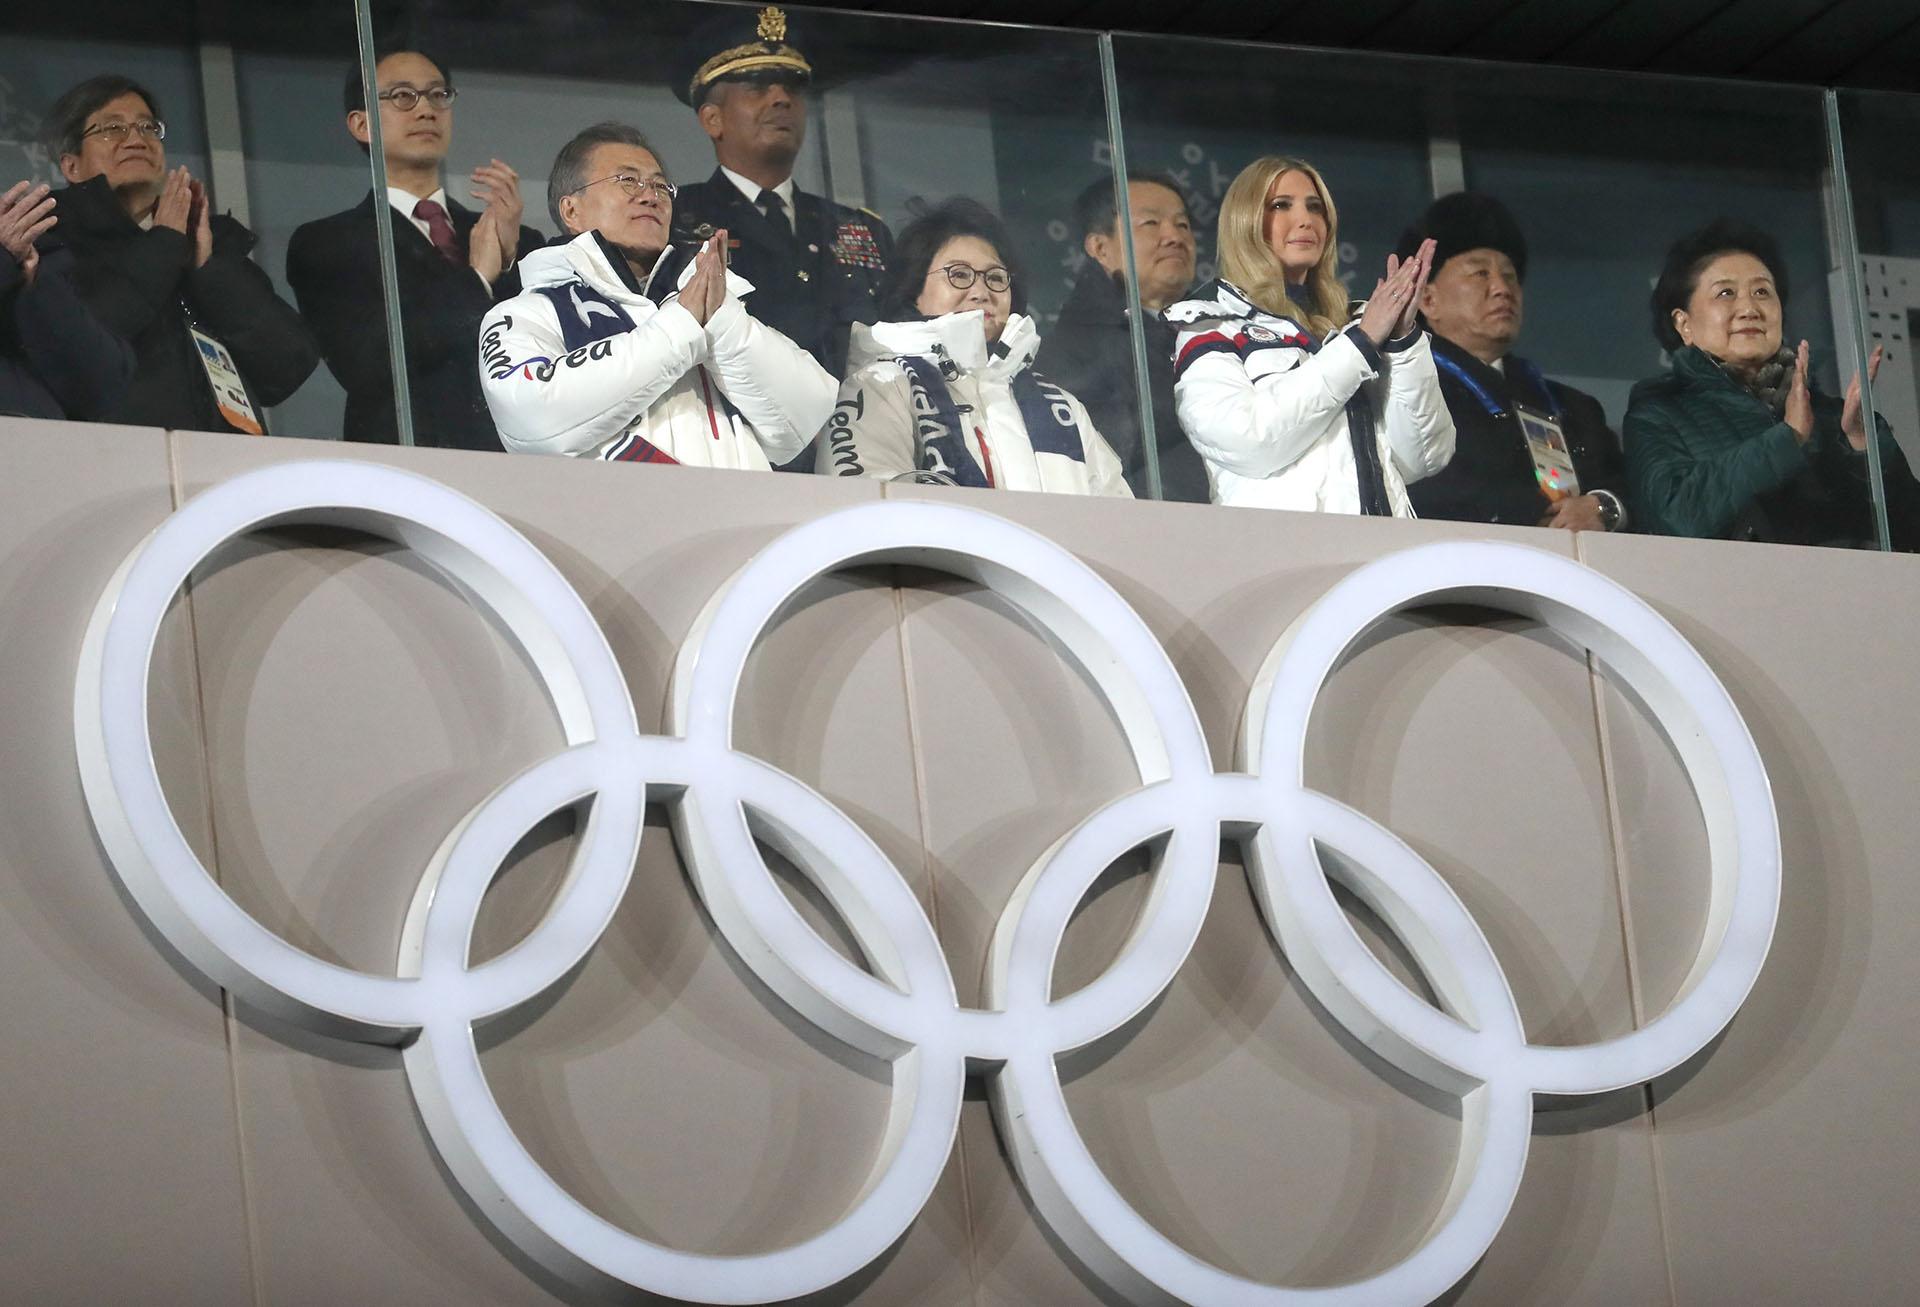 El presidente de Corea del Sur,Moon Jae-in, su esposa Kim Jung-sook e Ivanka Trump,hija y asesora del presidenteDonald Trump